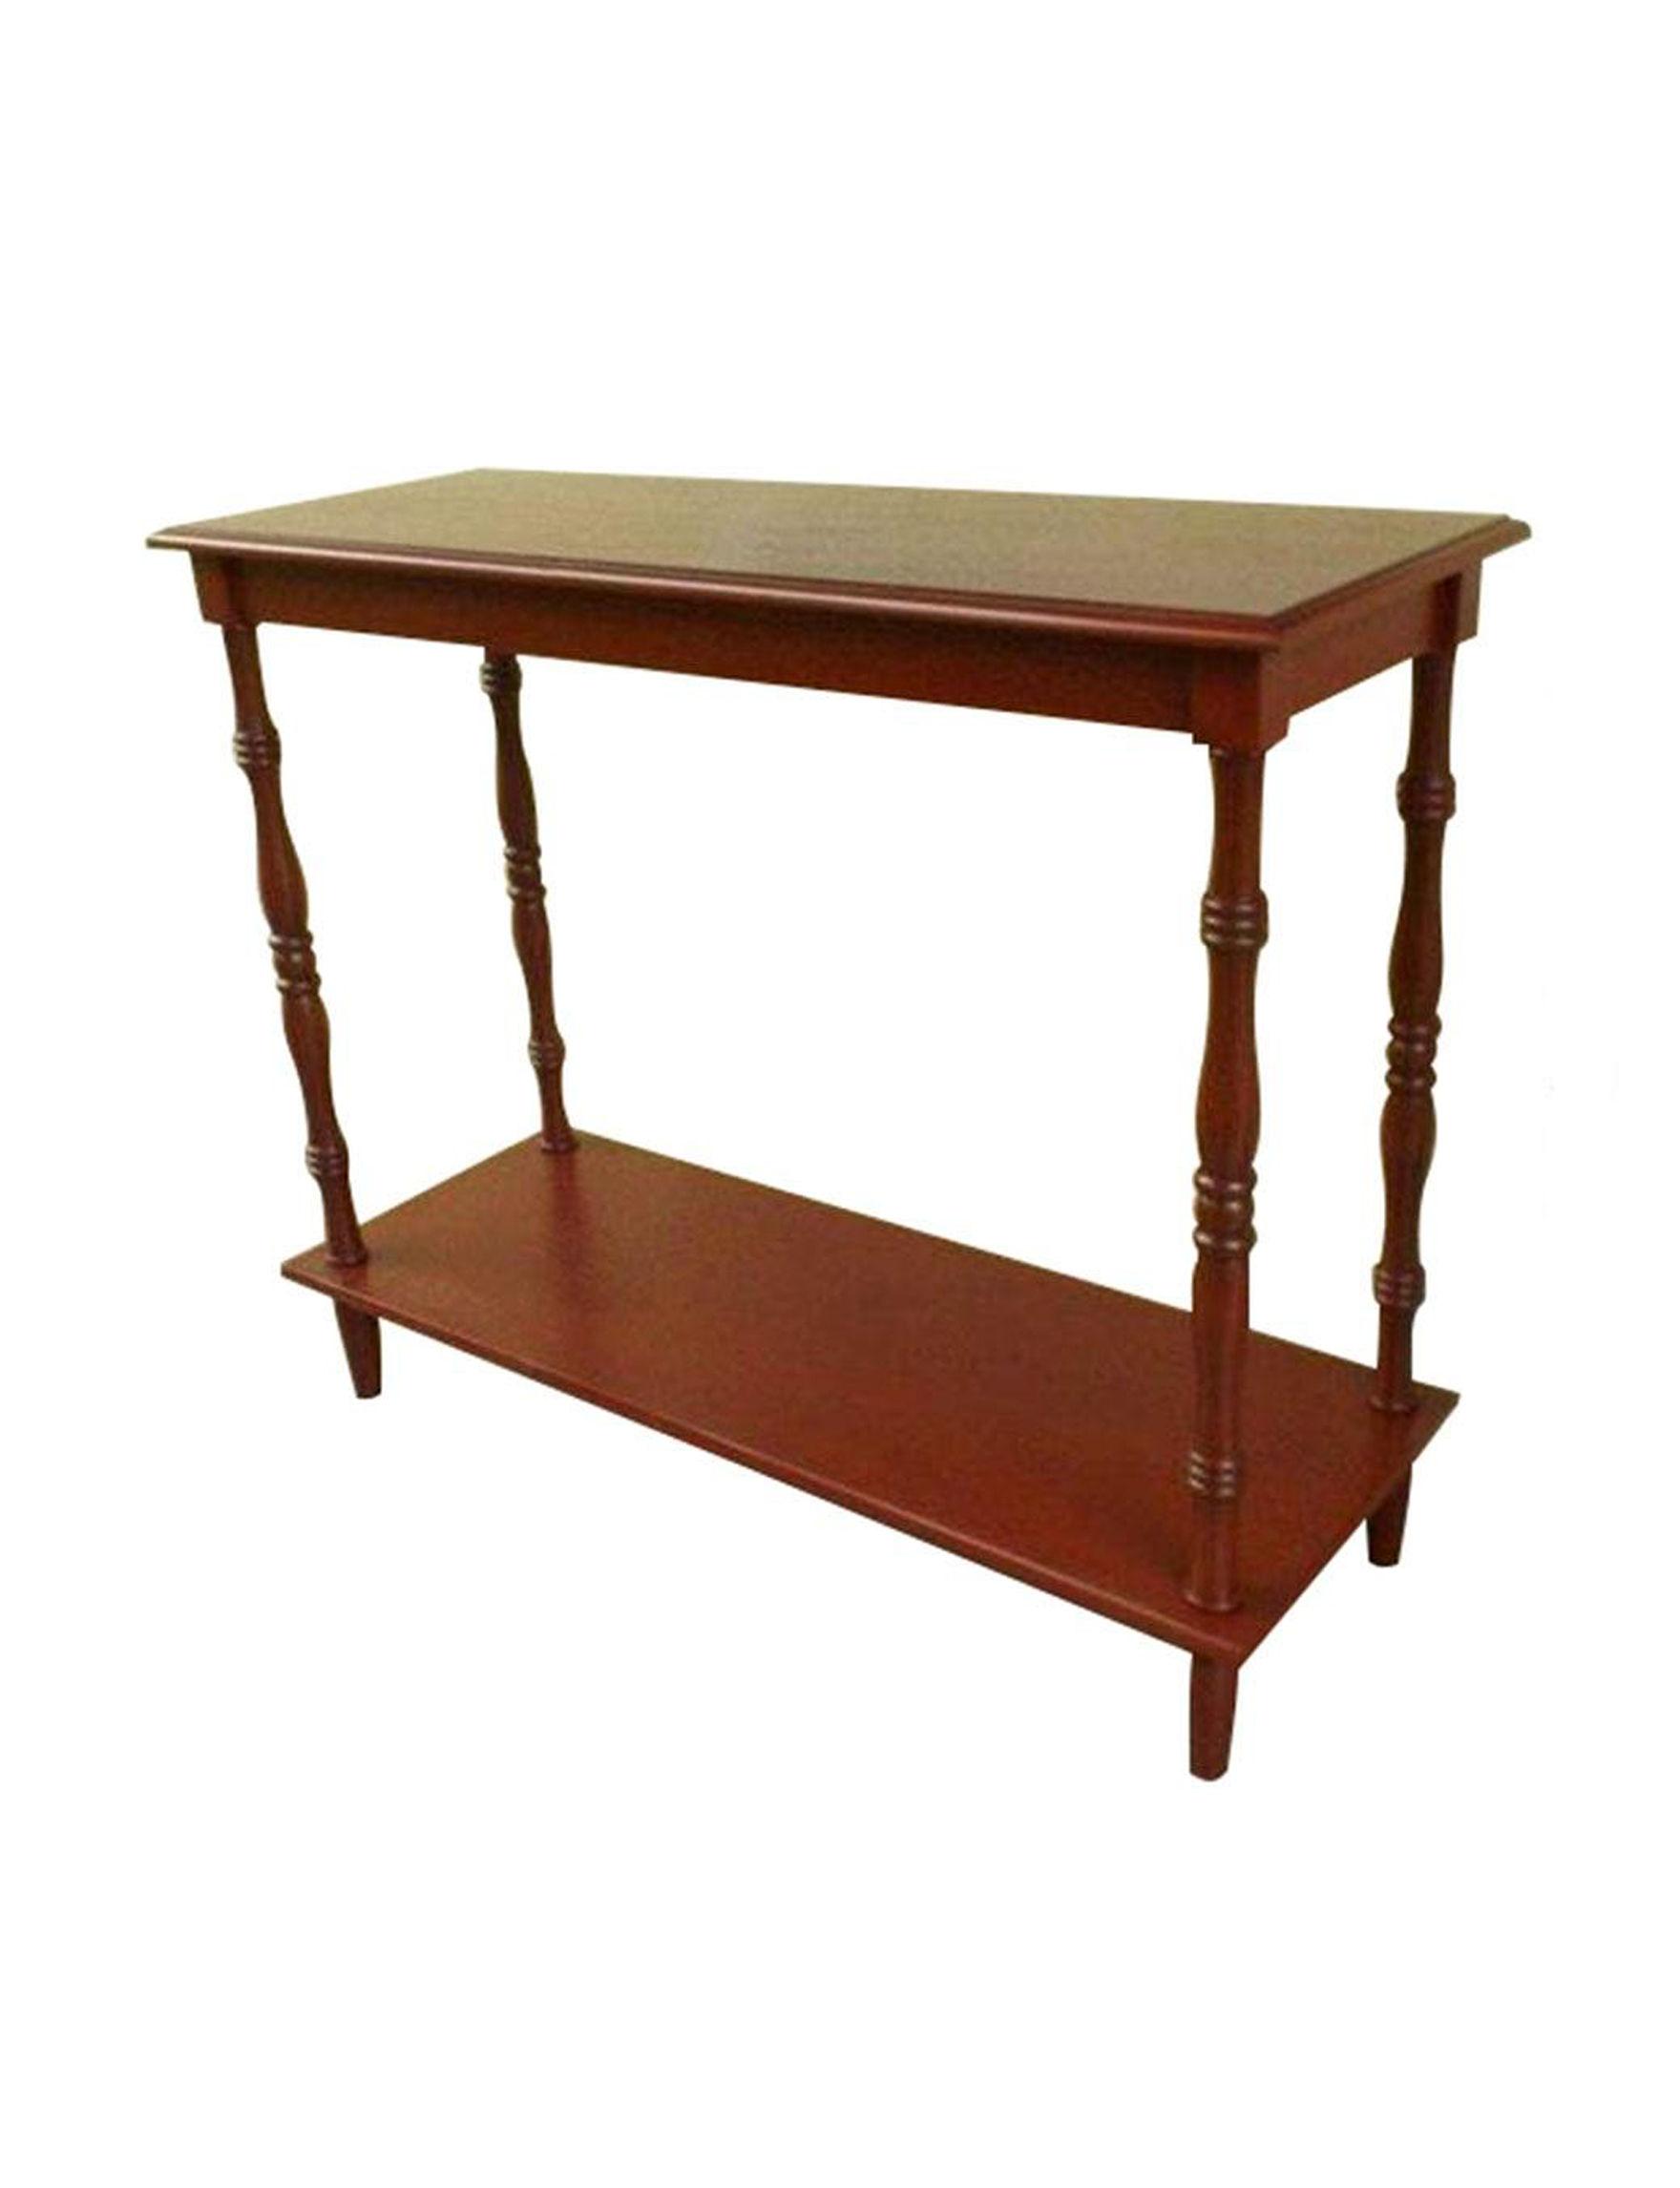 J. Hunt Antique Living Room Furniture